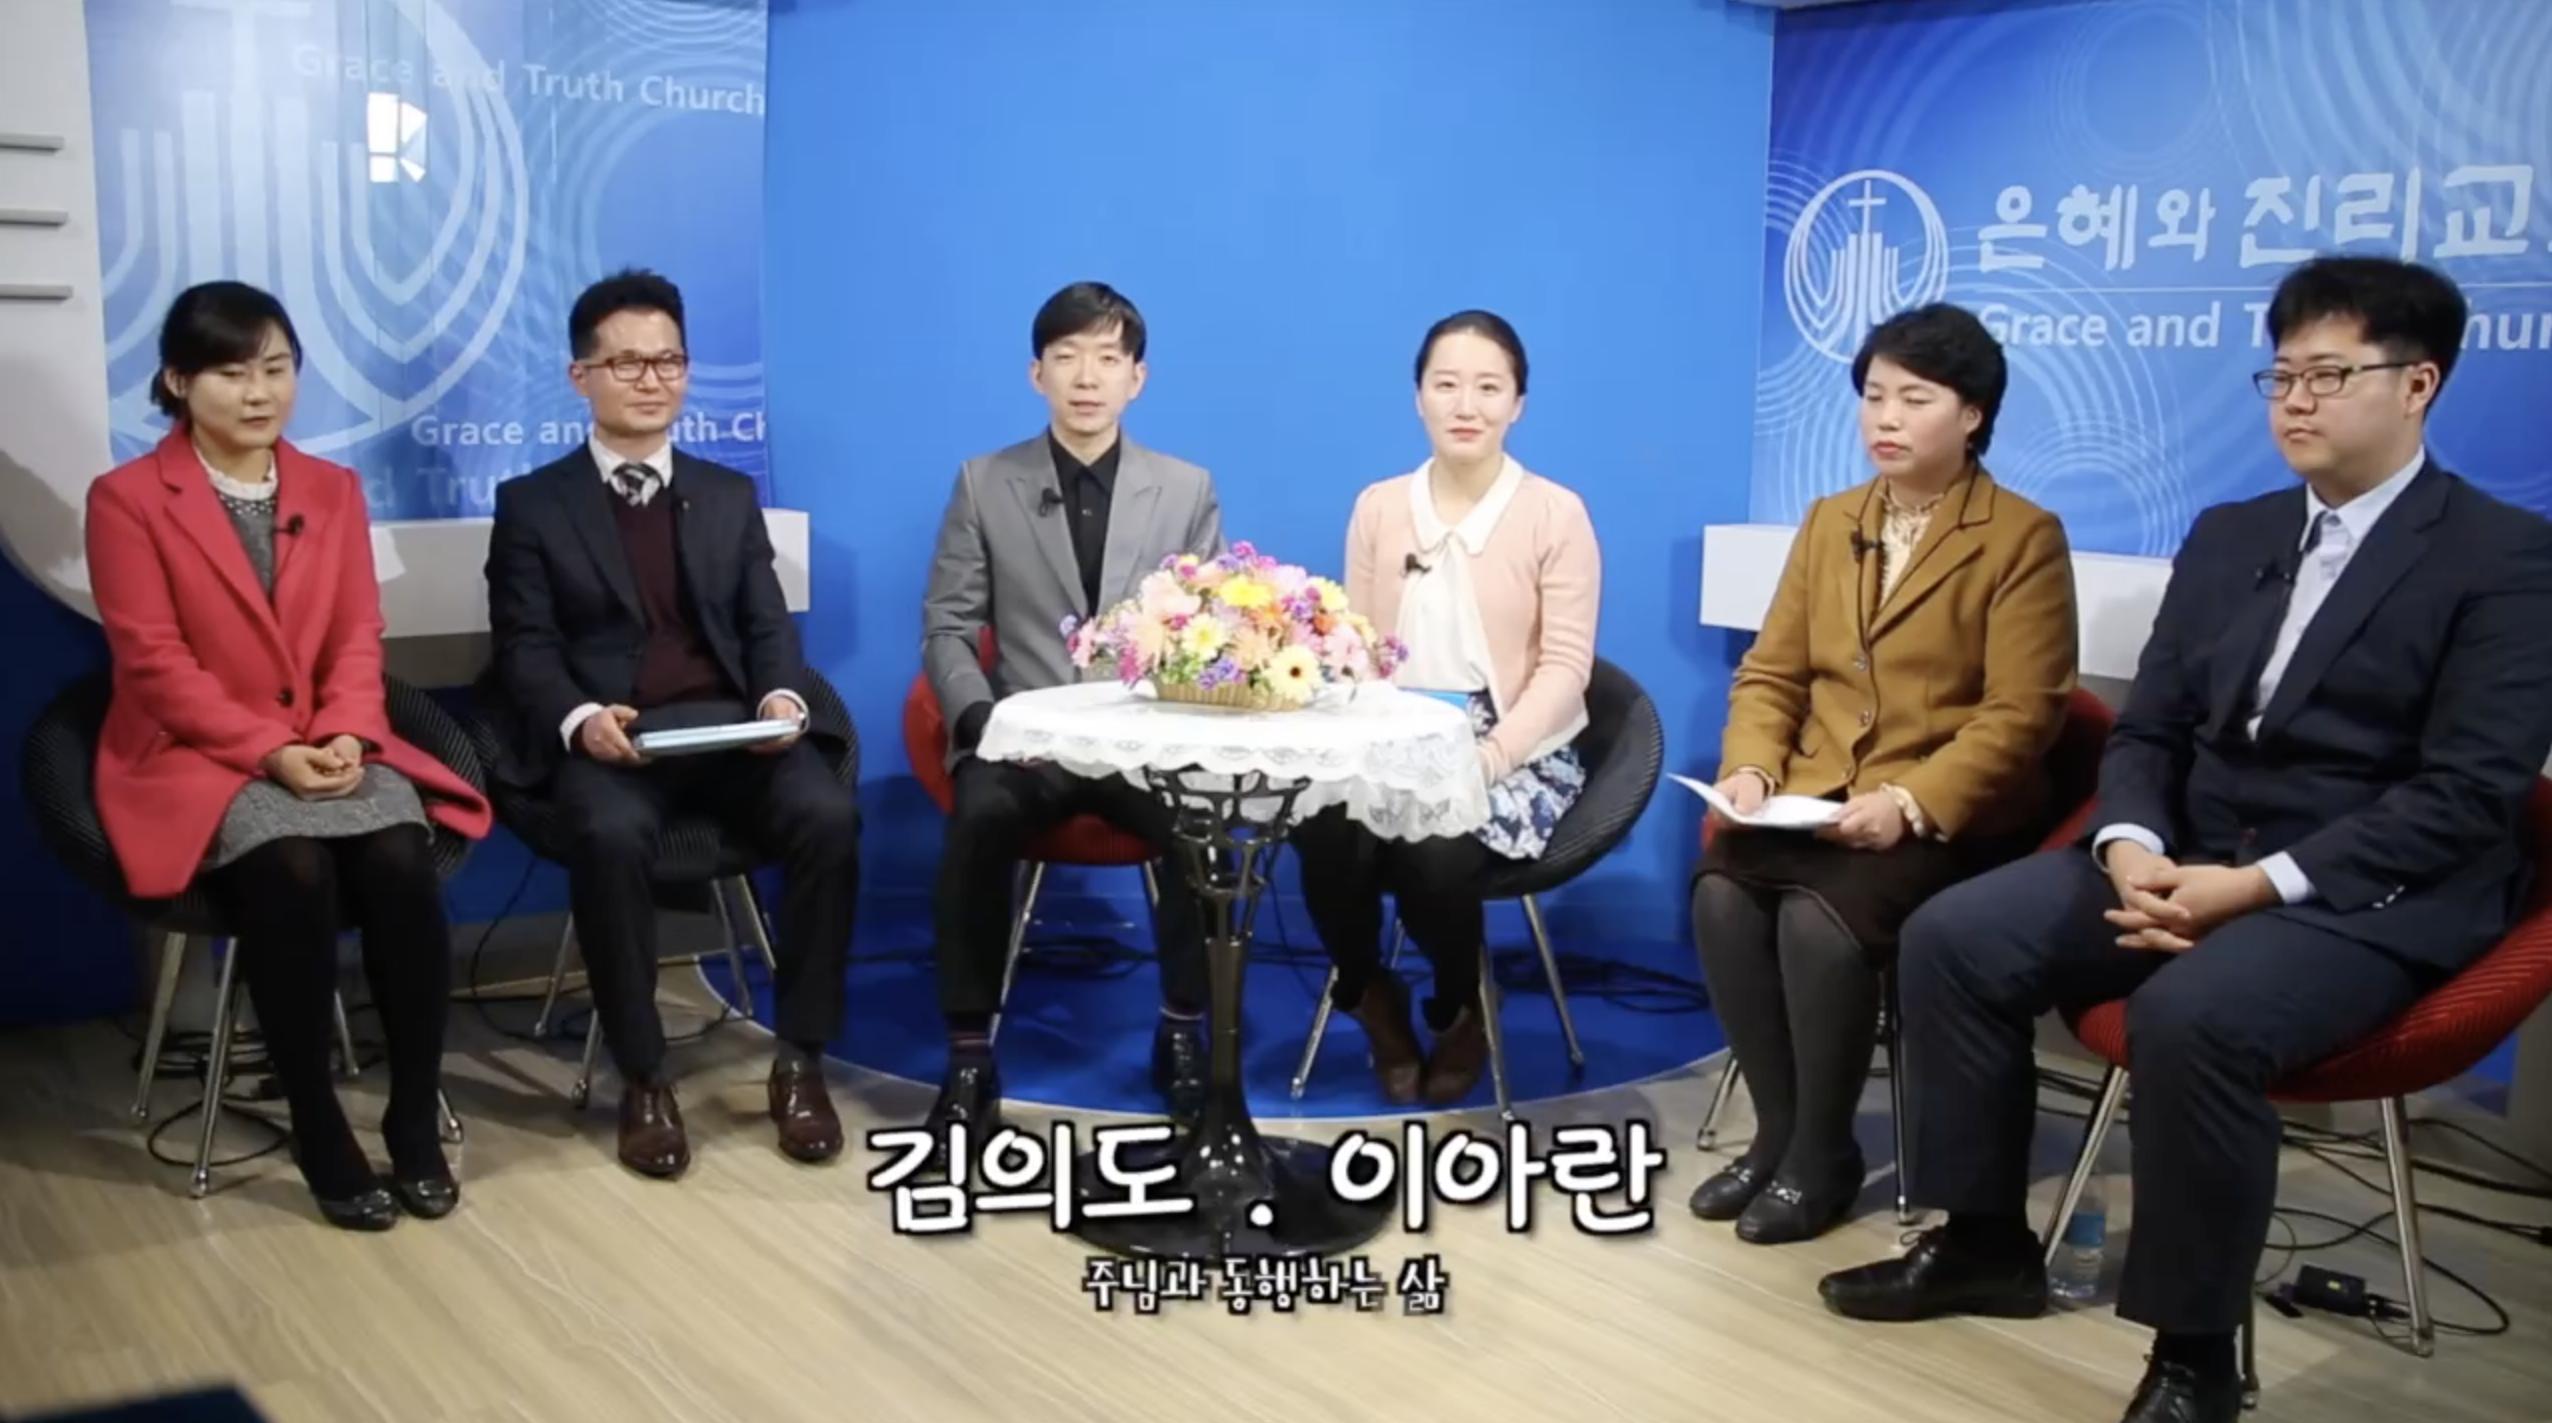 주님과 동행하는 삶 – 북한선교회